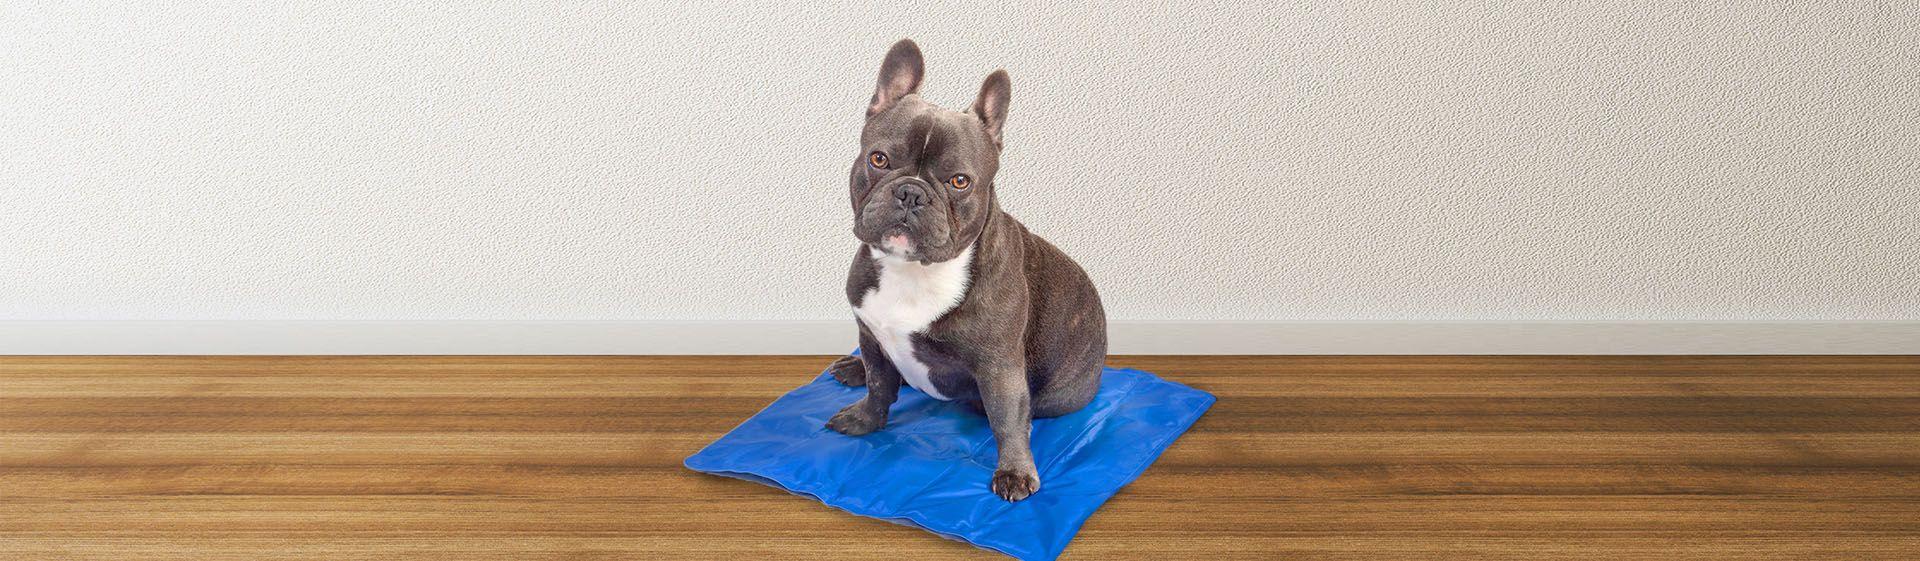 Tapete gelado para cachorro: como refrescar o pet?